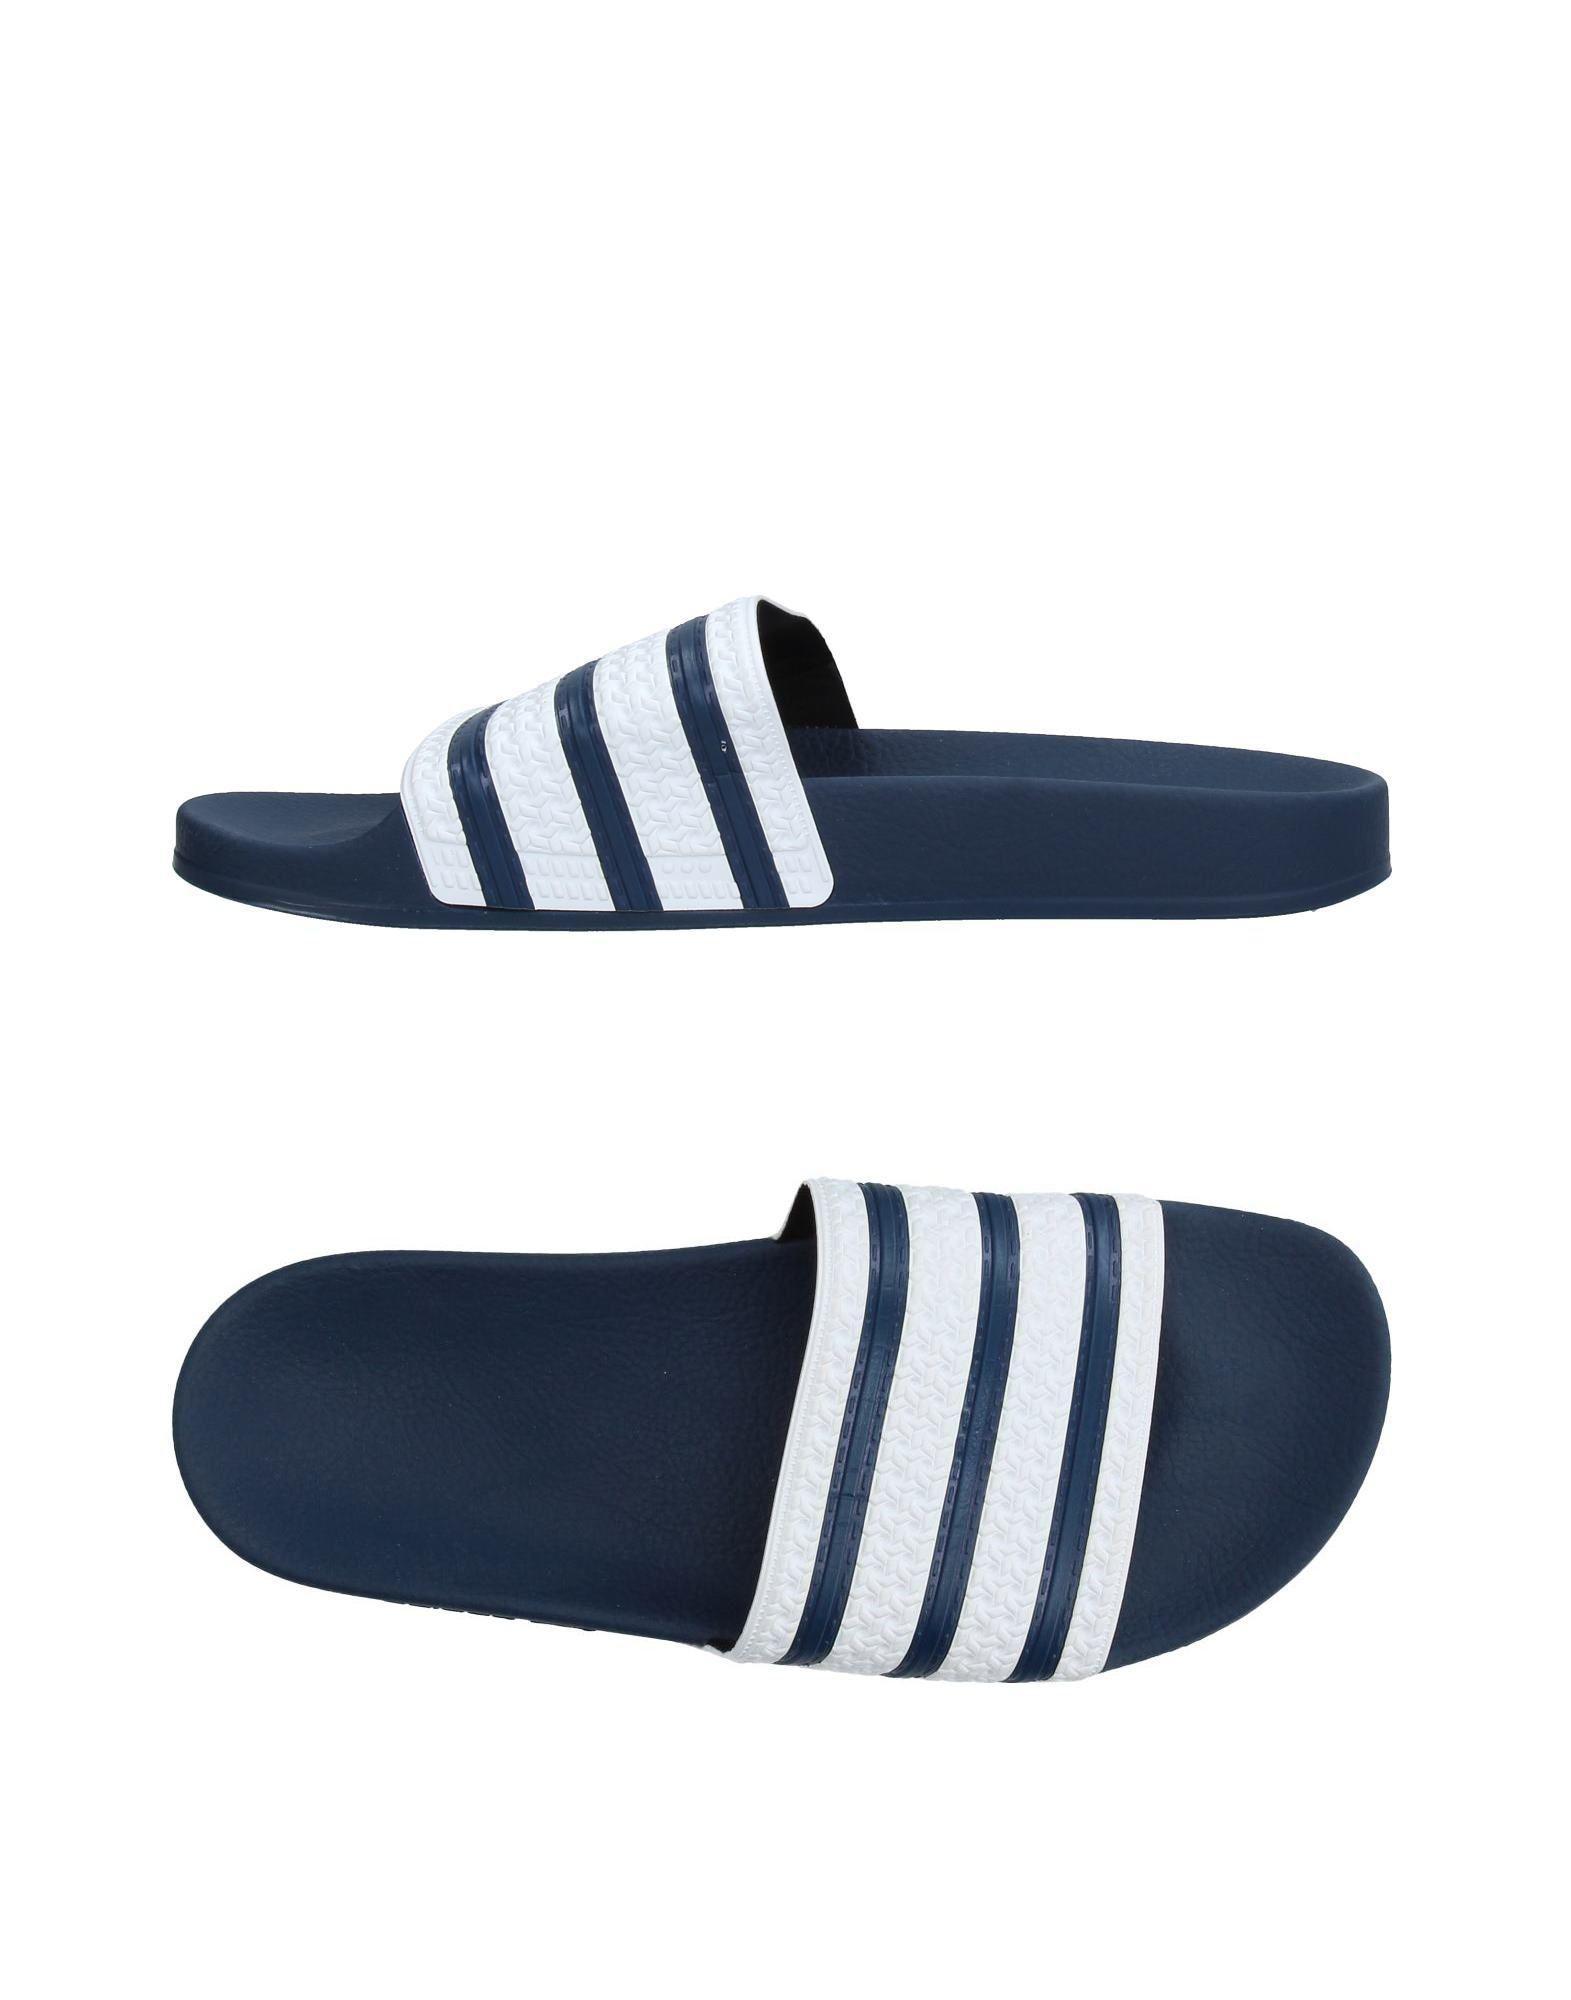 3bdab4f51040d0 Adidas Originals - Blue Sandals for Men - Lyst. View fullscreen